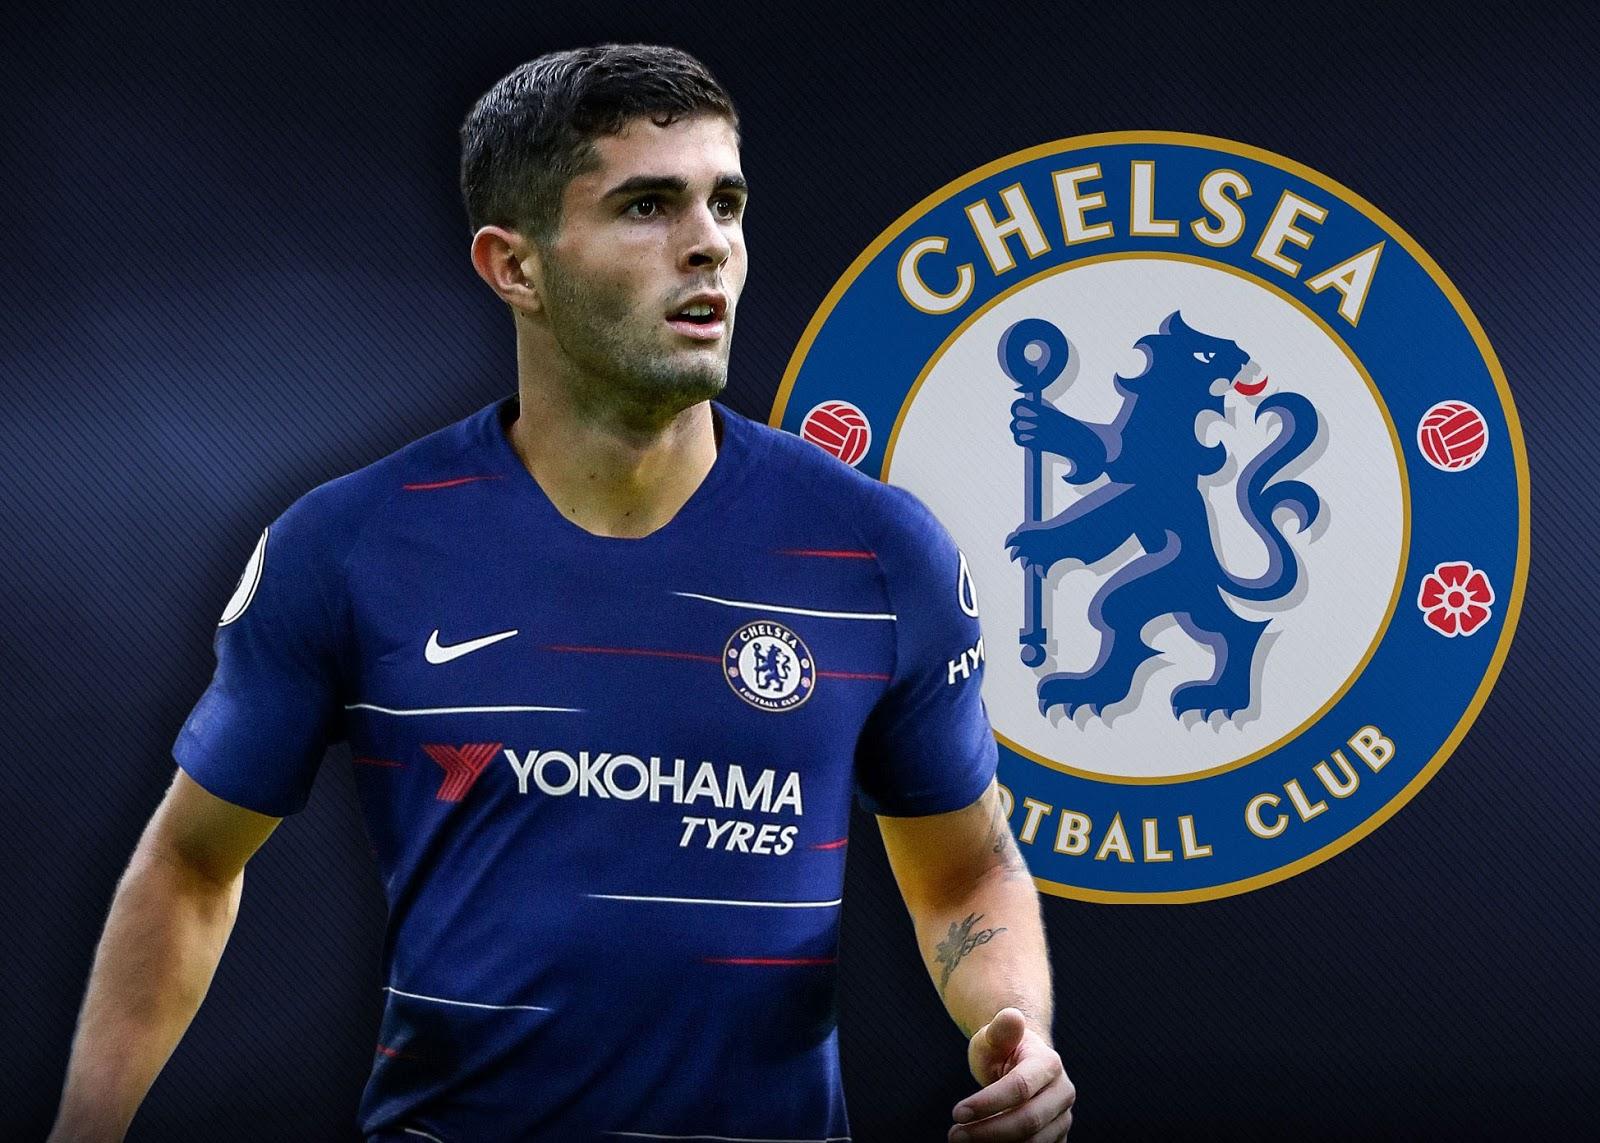 Trực tiếp Chelsea đêm nay, hôm nay